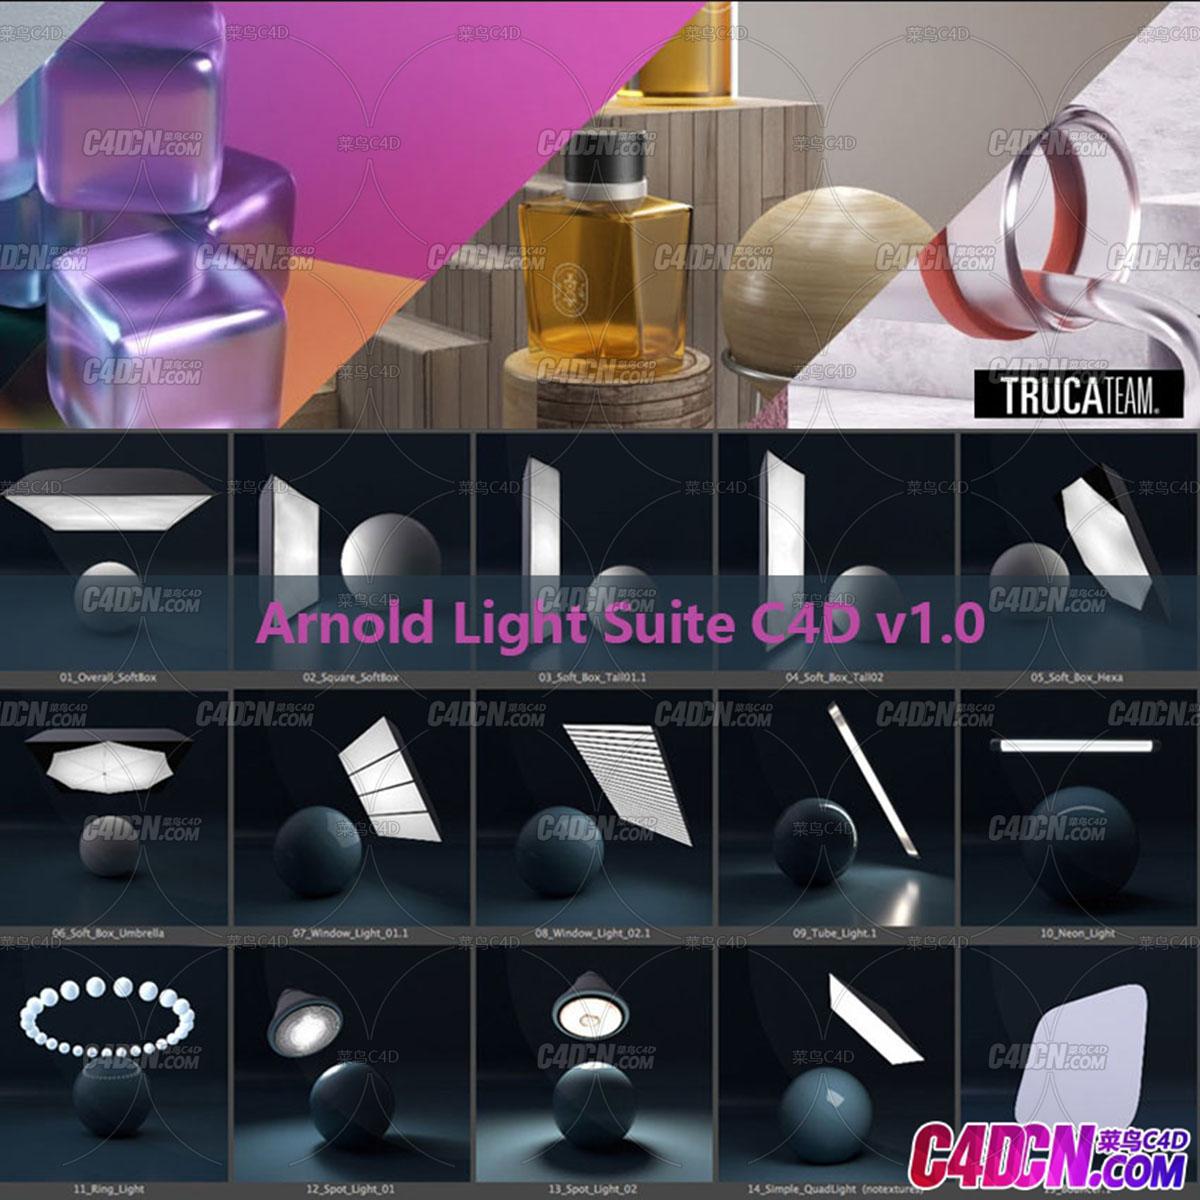 C4D預設 阿諾德燈光環境場景預設 Arnold Light Suite C4D v1.0